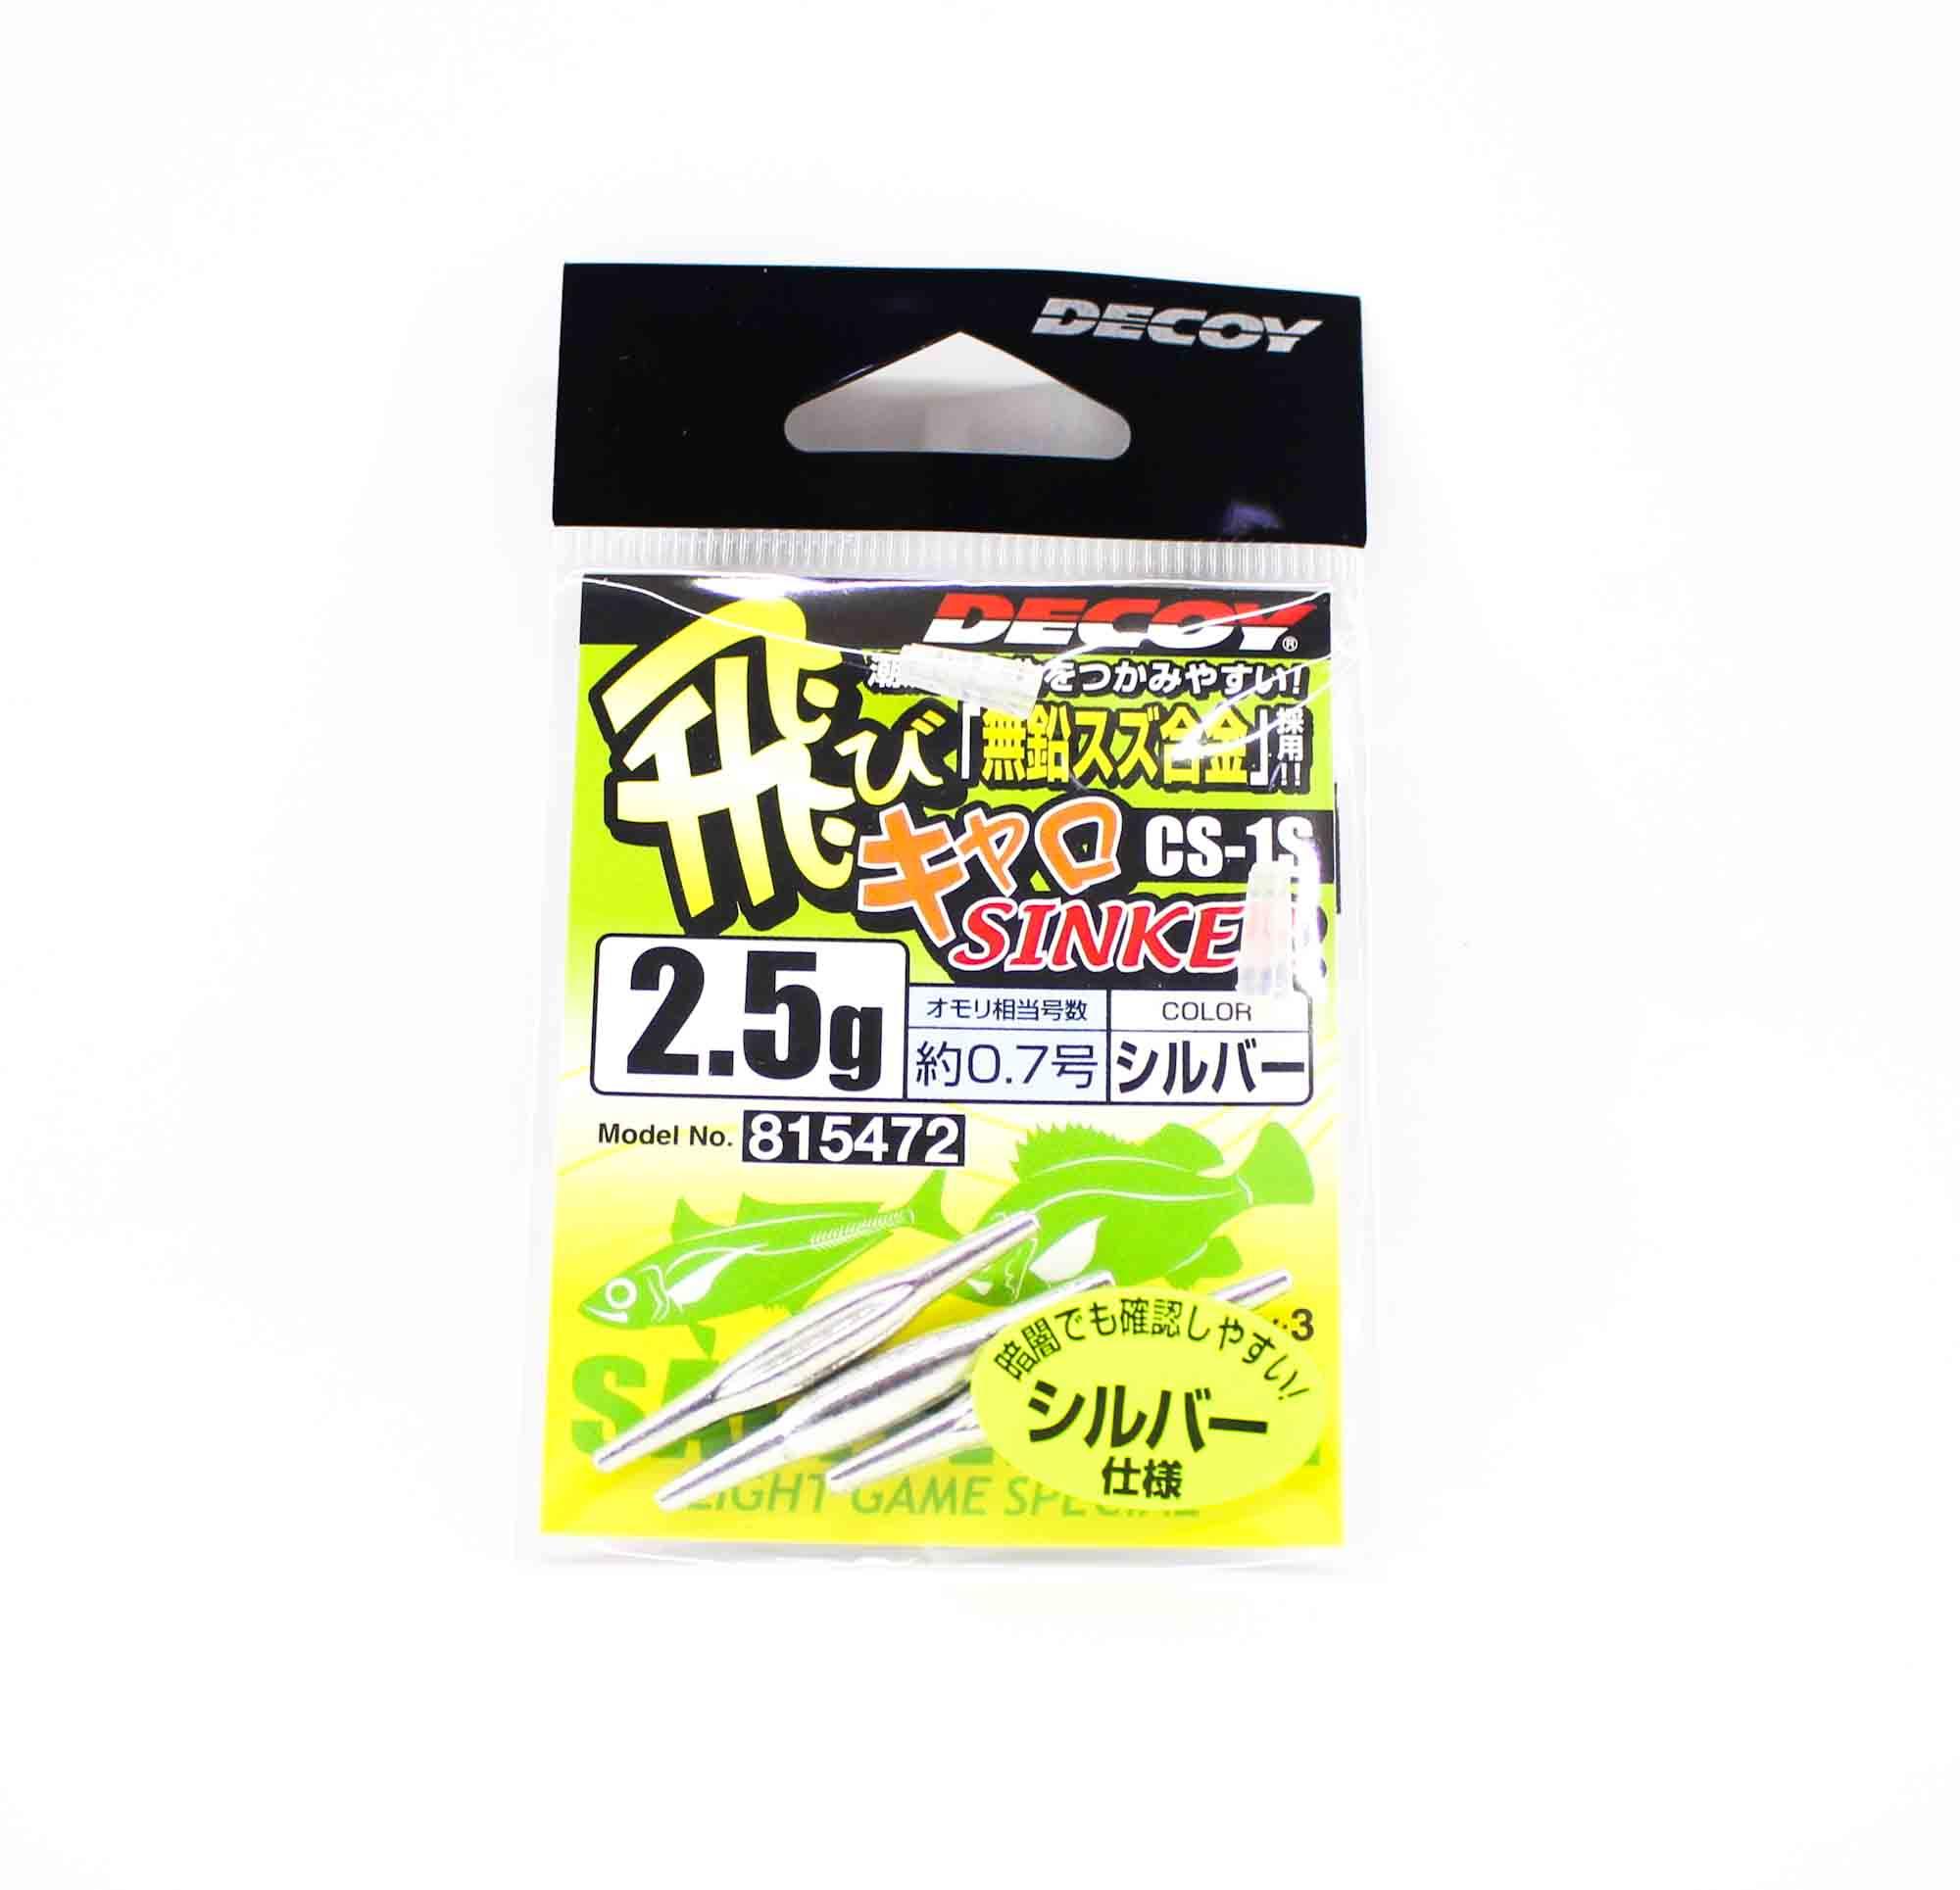 Decoy CS-1S Caro Sinker Tuning Weight Size 2.5 grams (5472)